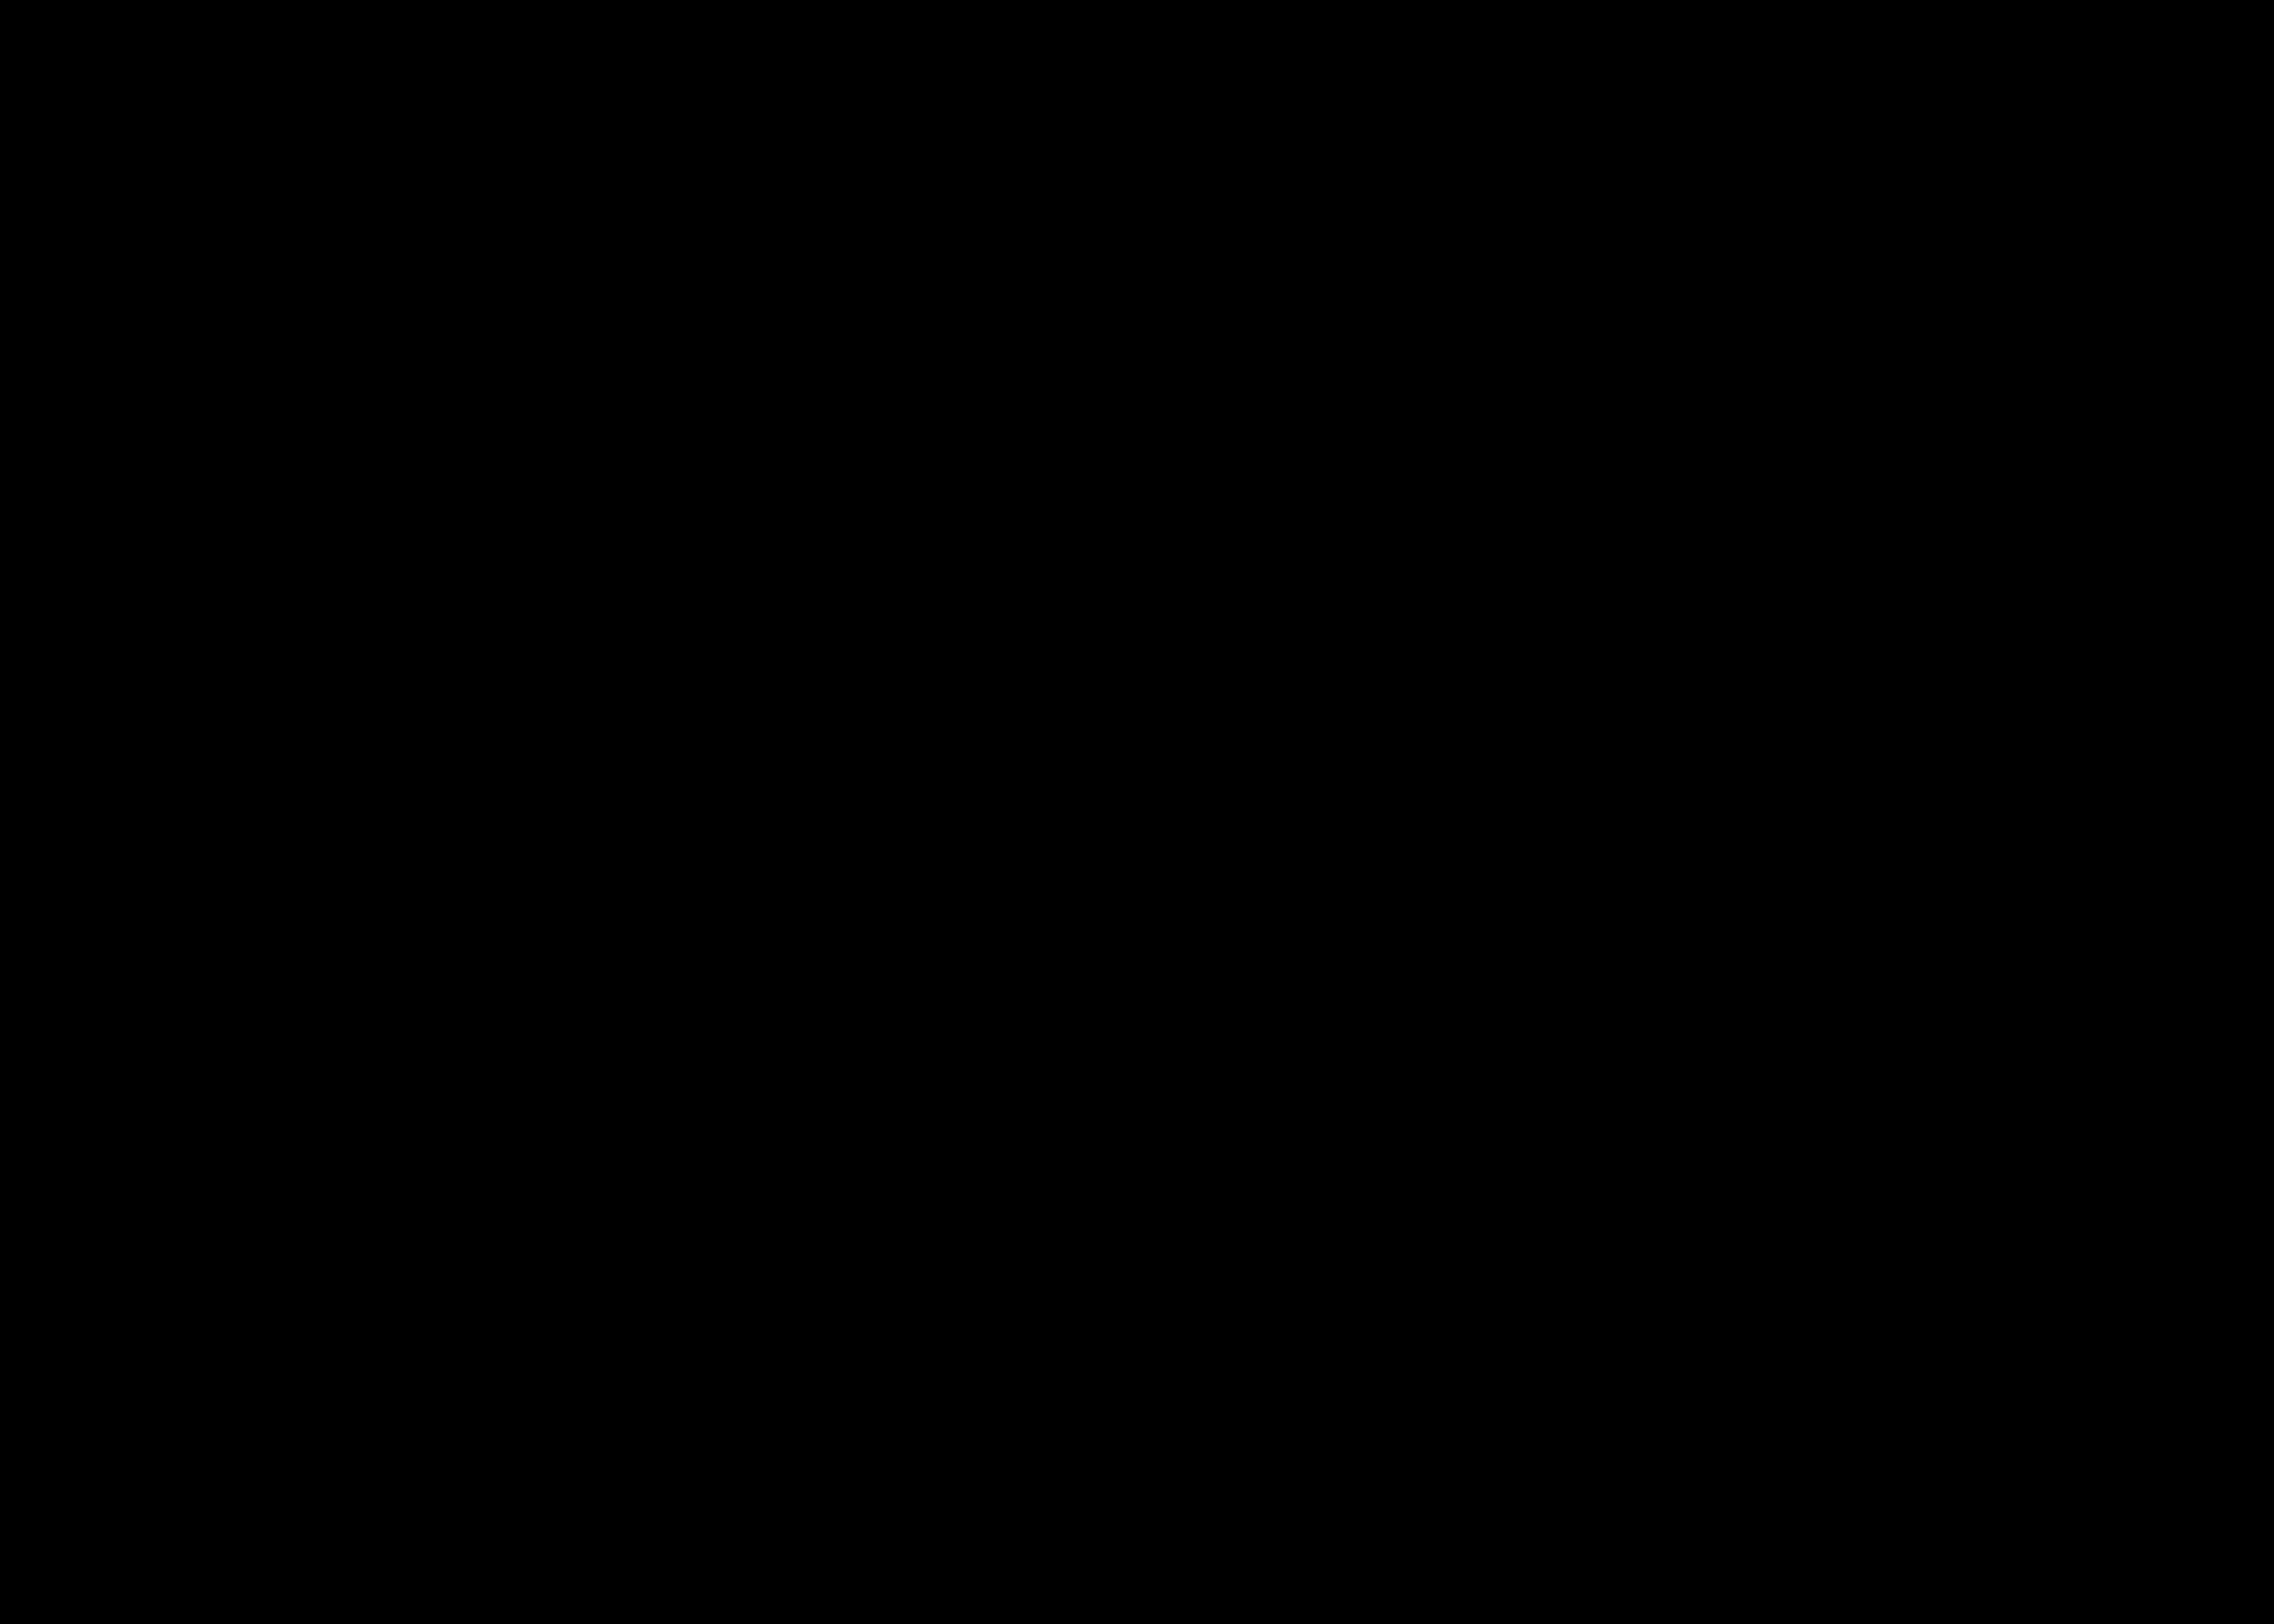 hlg_2908